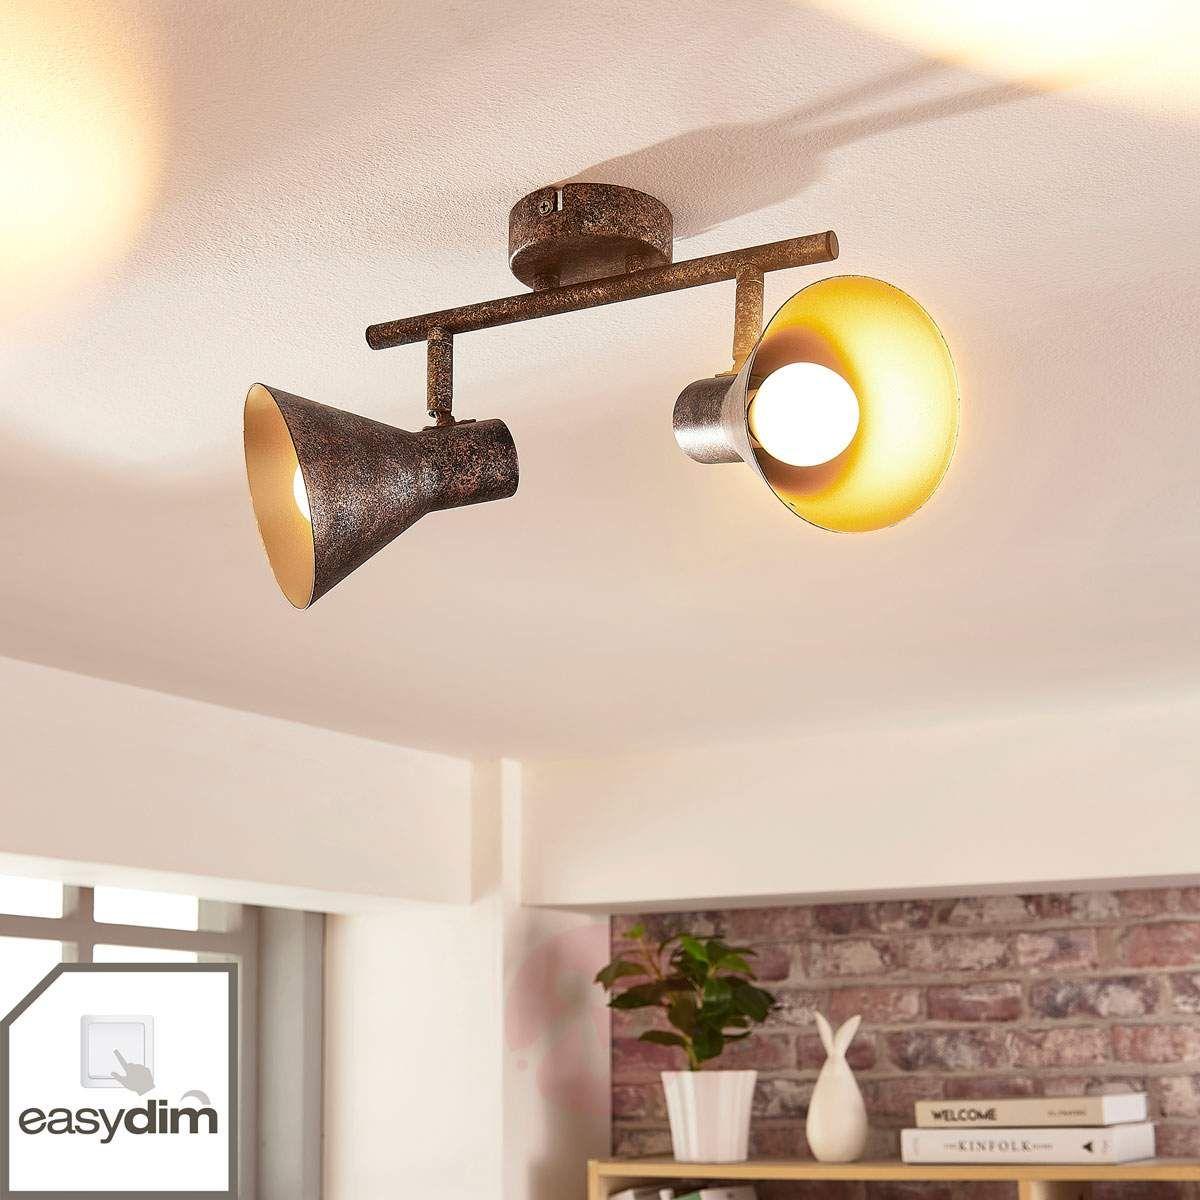 Czarno Złota Lampa Sufitowa Led Zera Easydim W 2019 Lampy